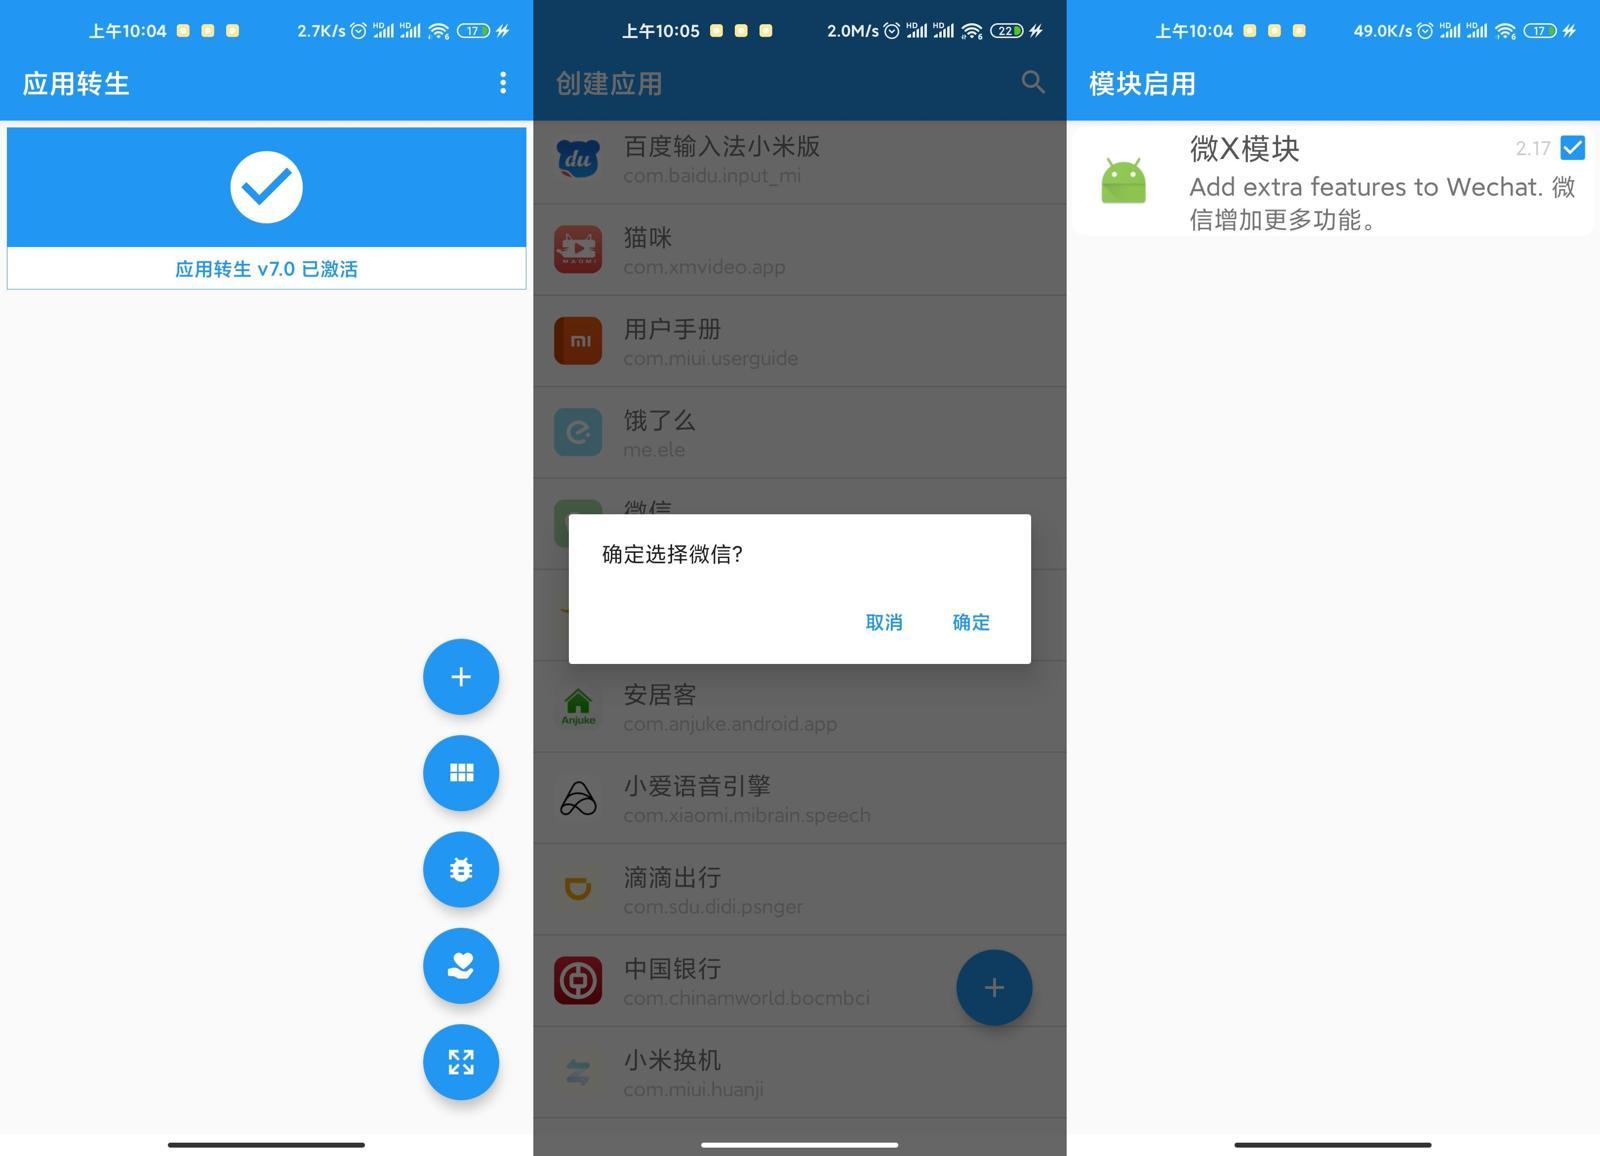 安卓应用转生v6.4.5官方版下载-云奇网